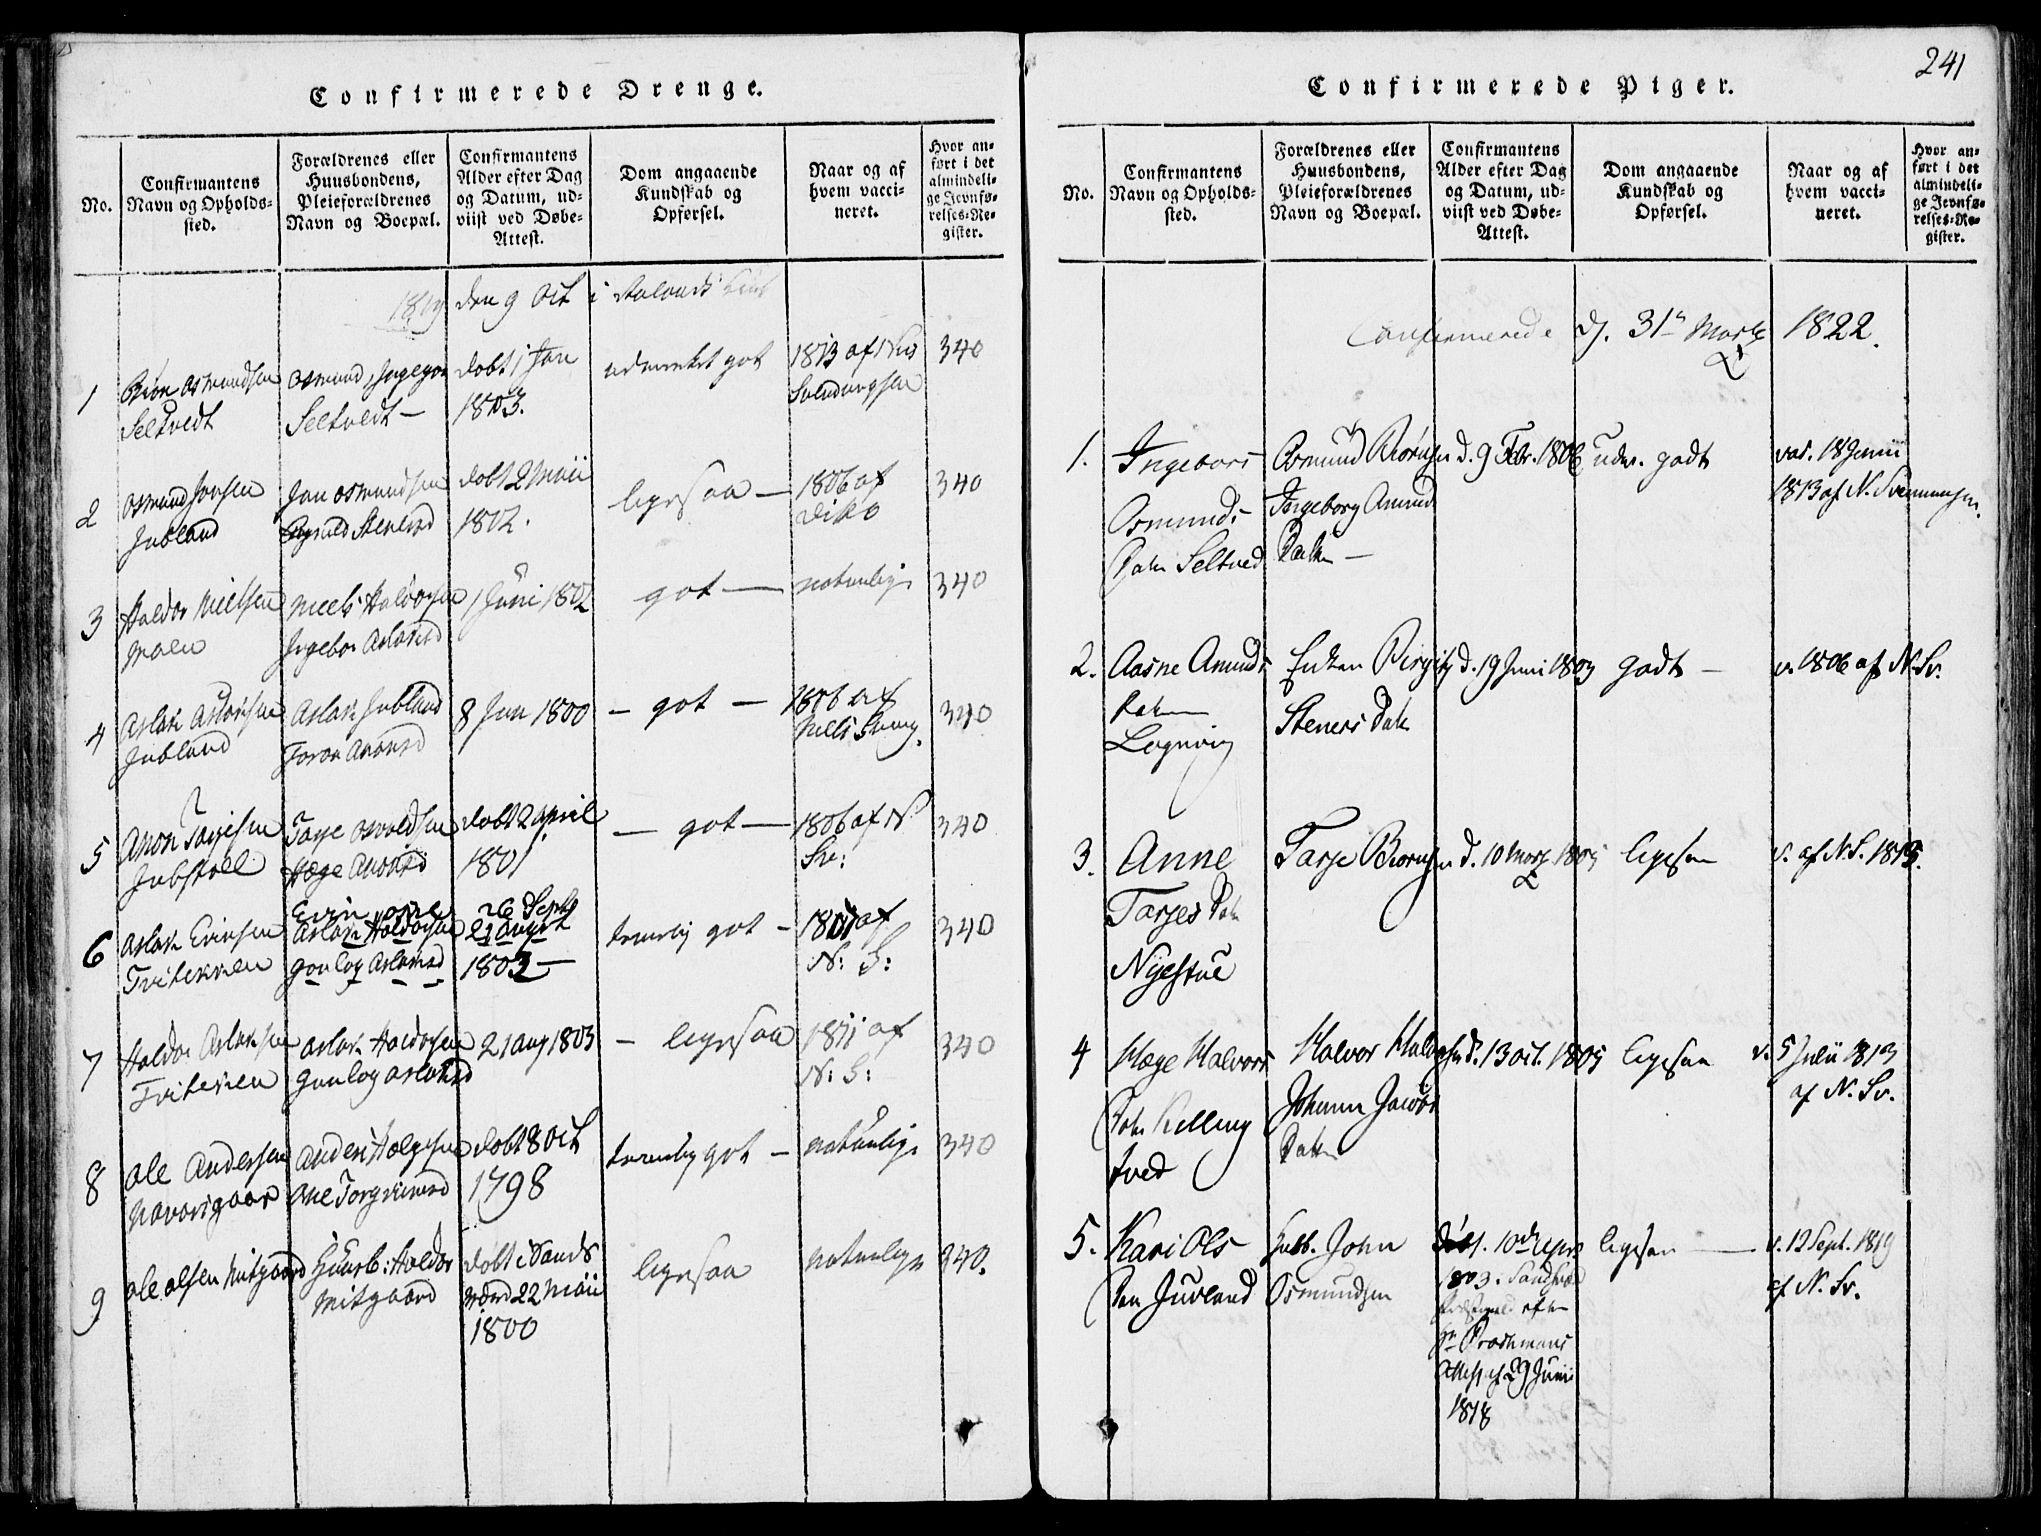 SAKO, Rauland kirkebøker, G/Ga/L0001: Klokkerbok nr. I 1, 1814-1843, s. 241